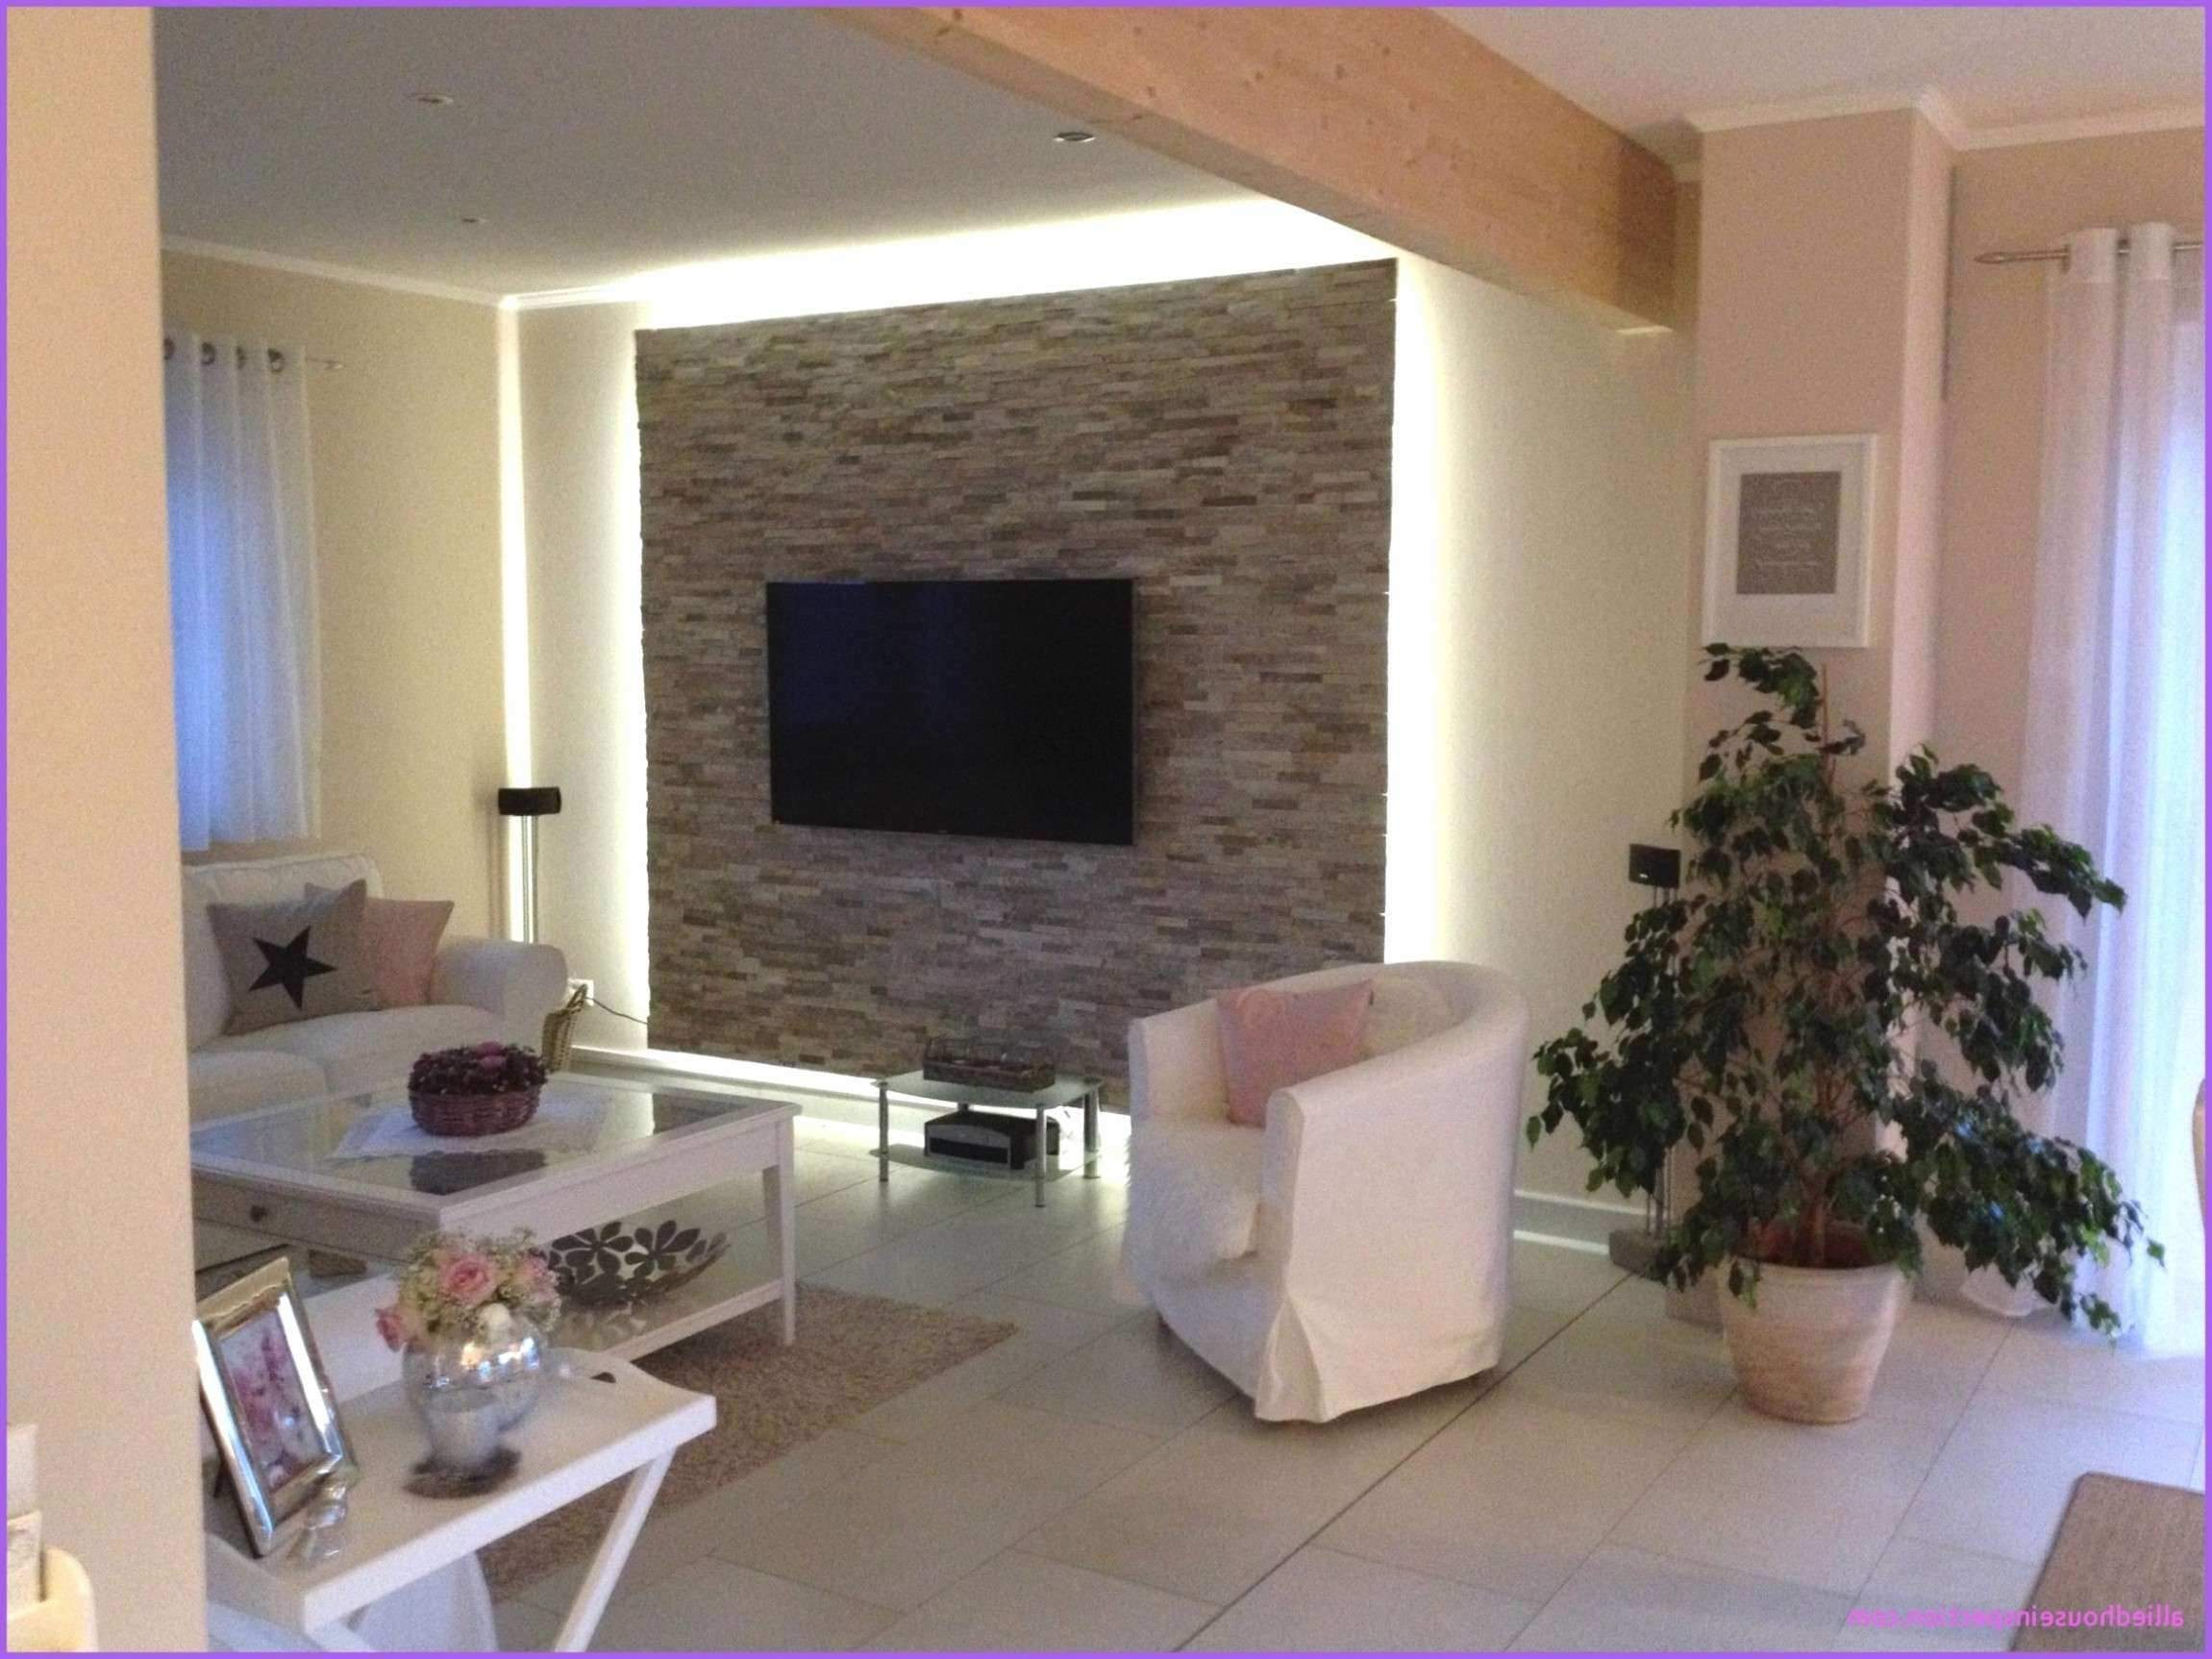 mediterranes wohnzimmer inspirierend 38 das beste von wohnzimmer decke gestalten inspirierend of mediterranes wohnzimmer